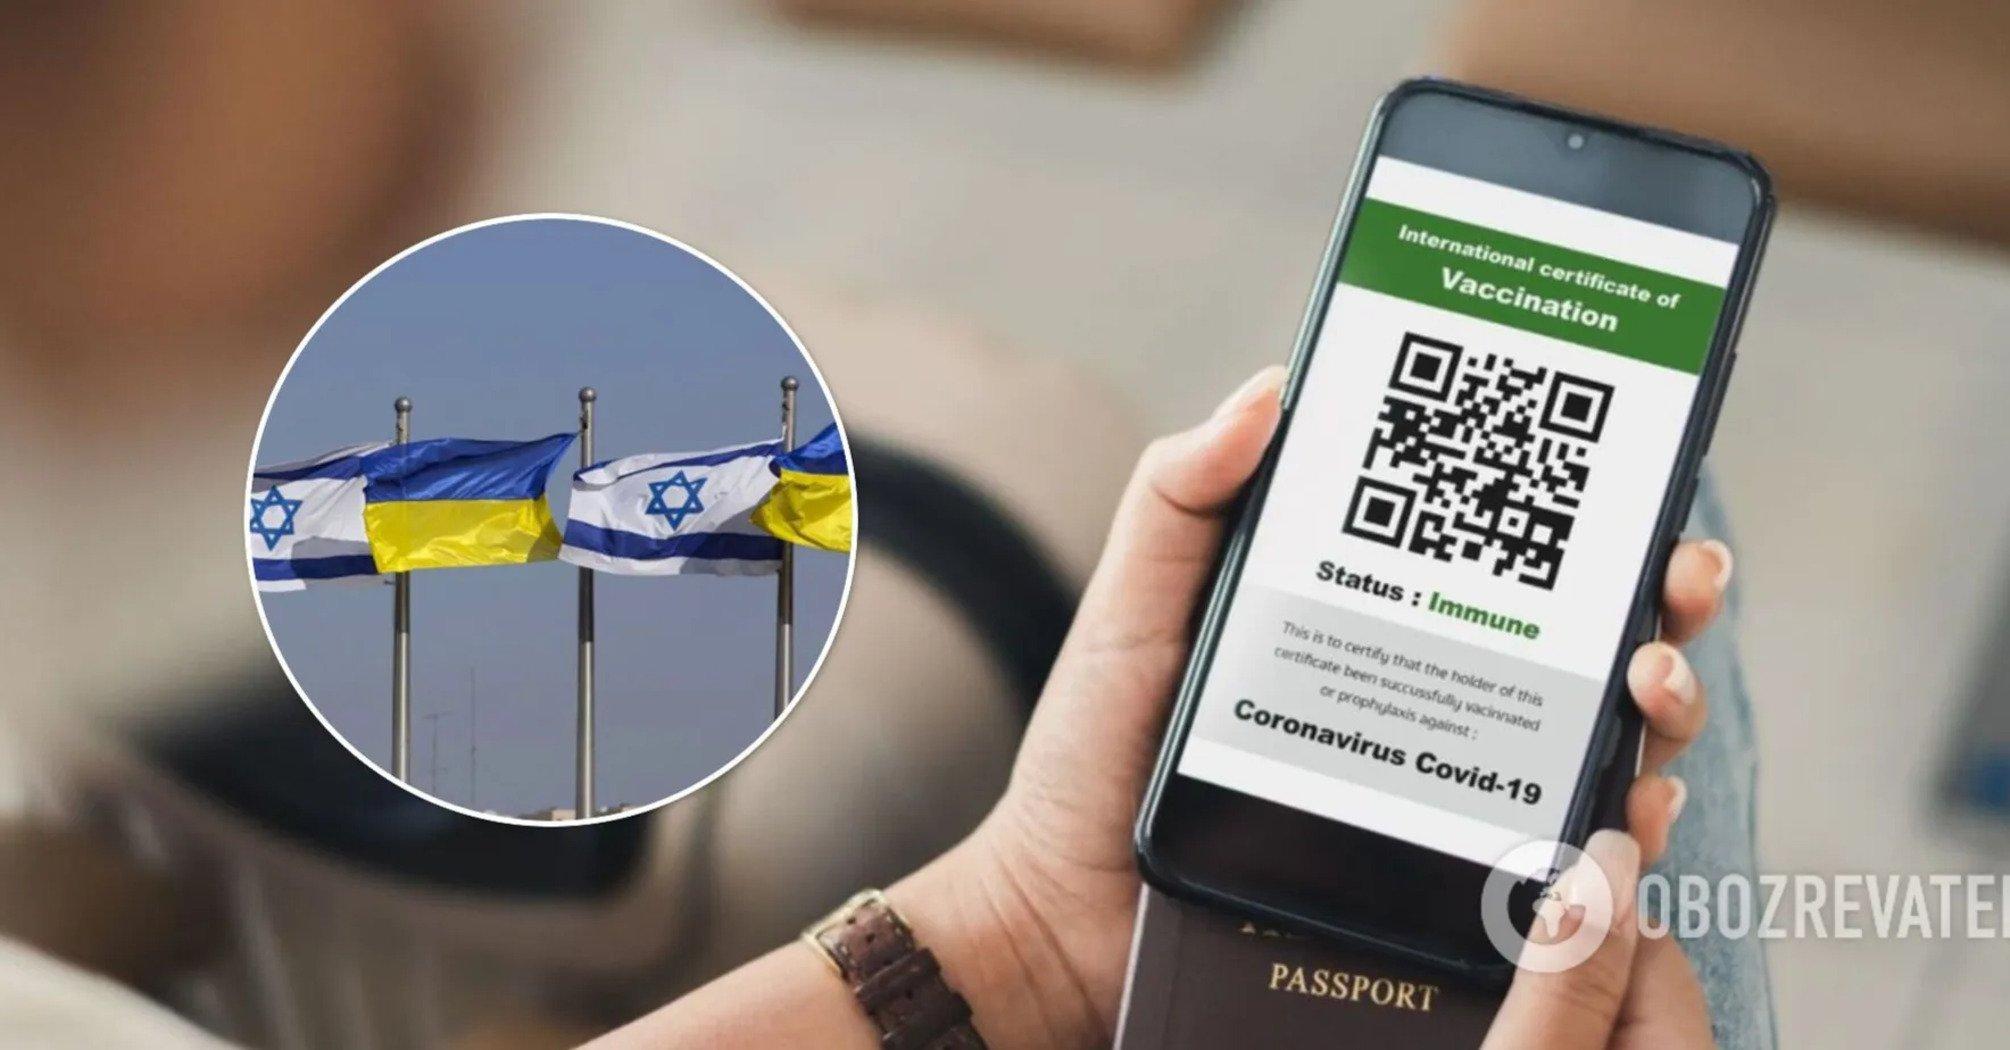 Україна і Ізраїль вийшли на фінальну стадію узгодження COVID-паспортів